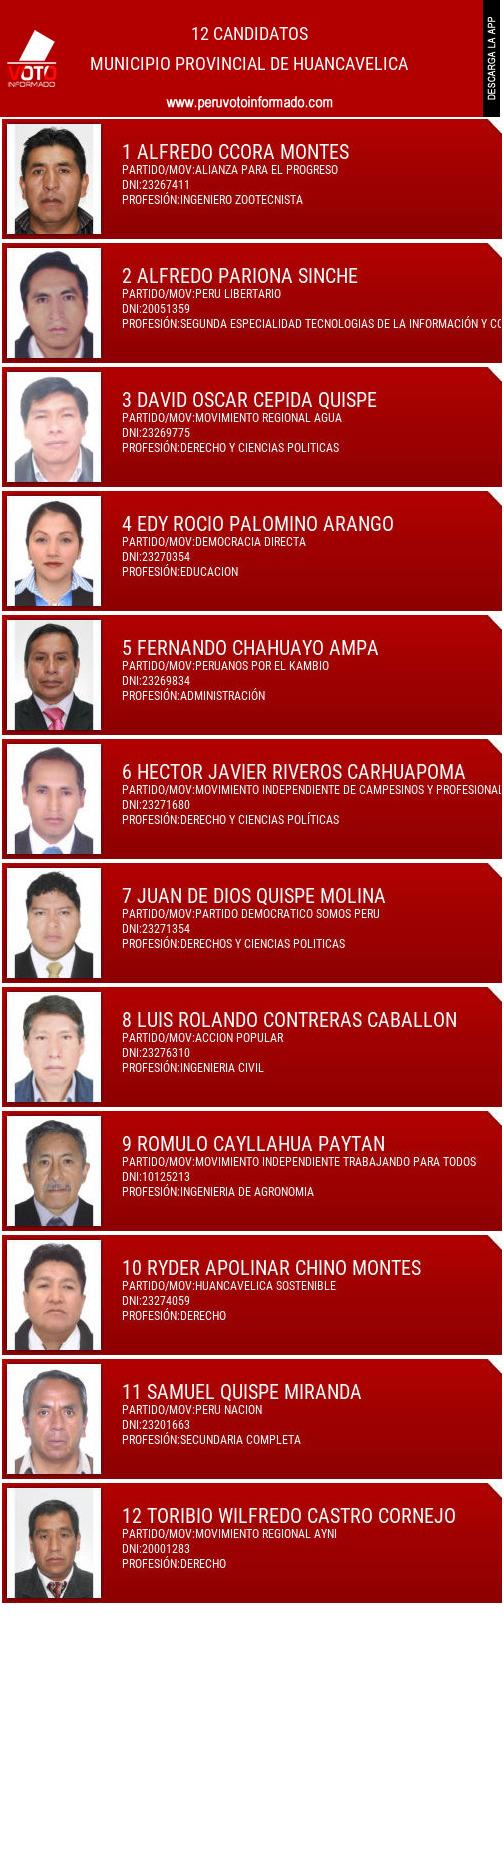 Municipio provincial de HUANCAVELICA